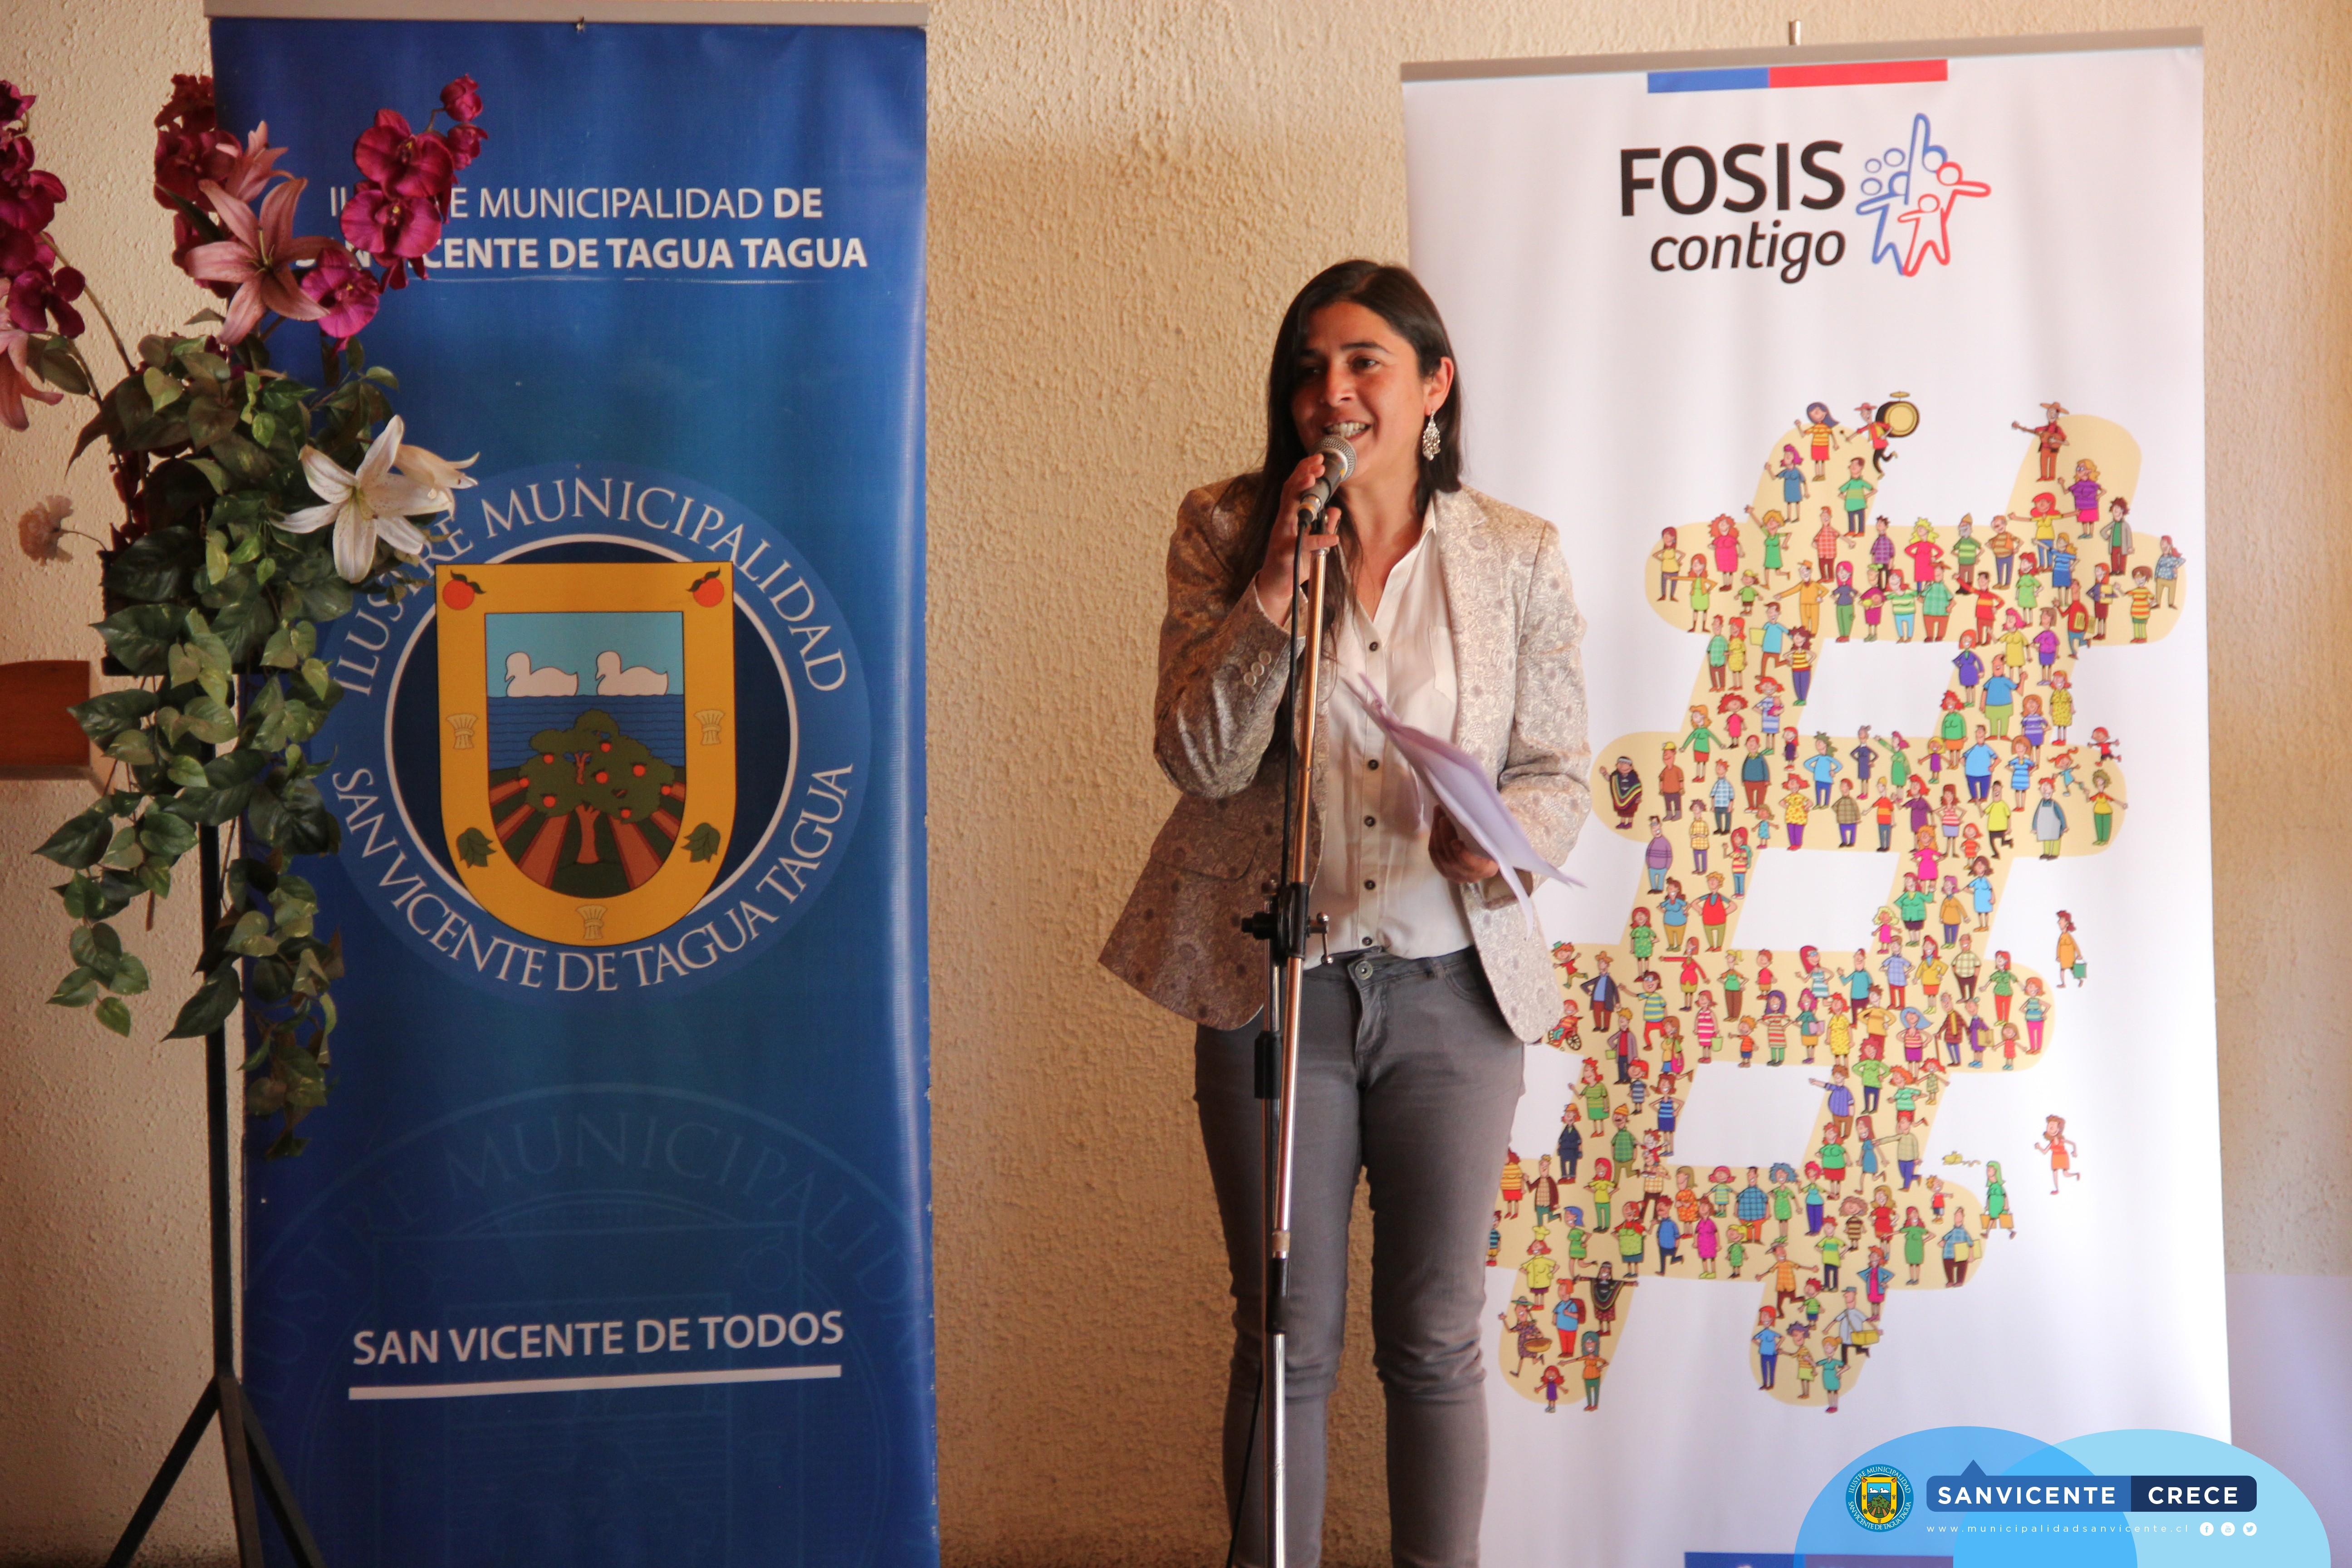 FOSIS ENTREGA RECURSOS A ARTESANOS DE SAN VICENTE DE TAGUA TAGUA